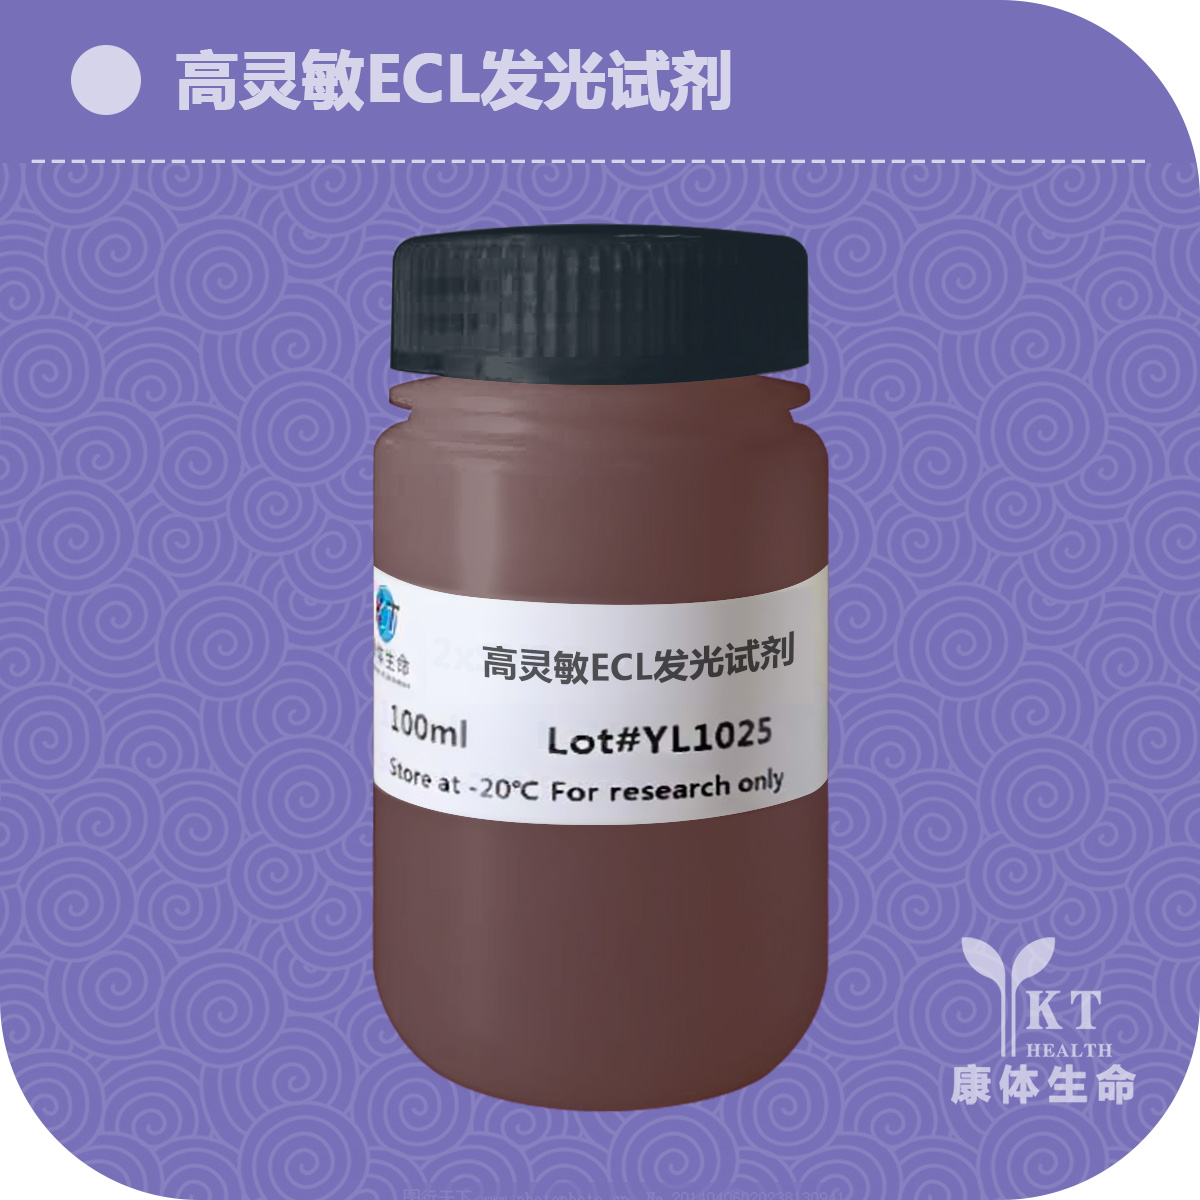 超敏ECL化学发光试剂盒 免疫印迹 Western-blot抗体 WB免疫蛋白印迹 高灵敏ECL发光试剂 Western Chemiluminescent HRP Substrate